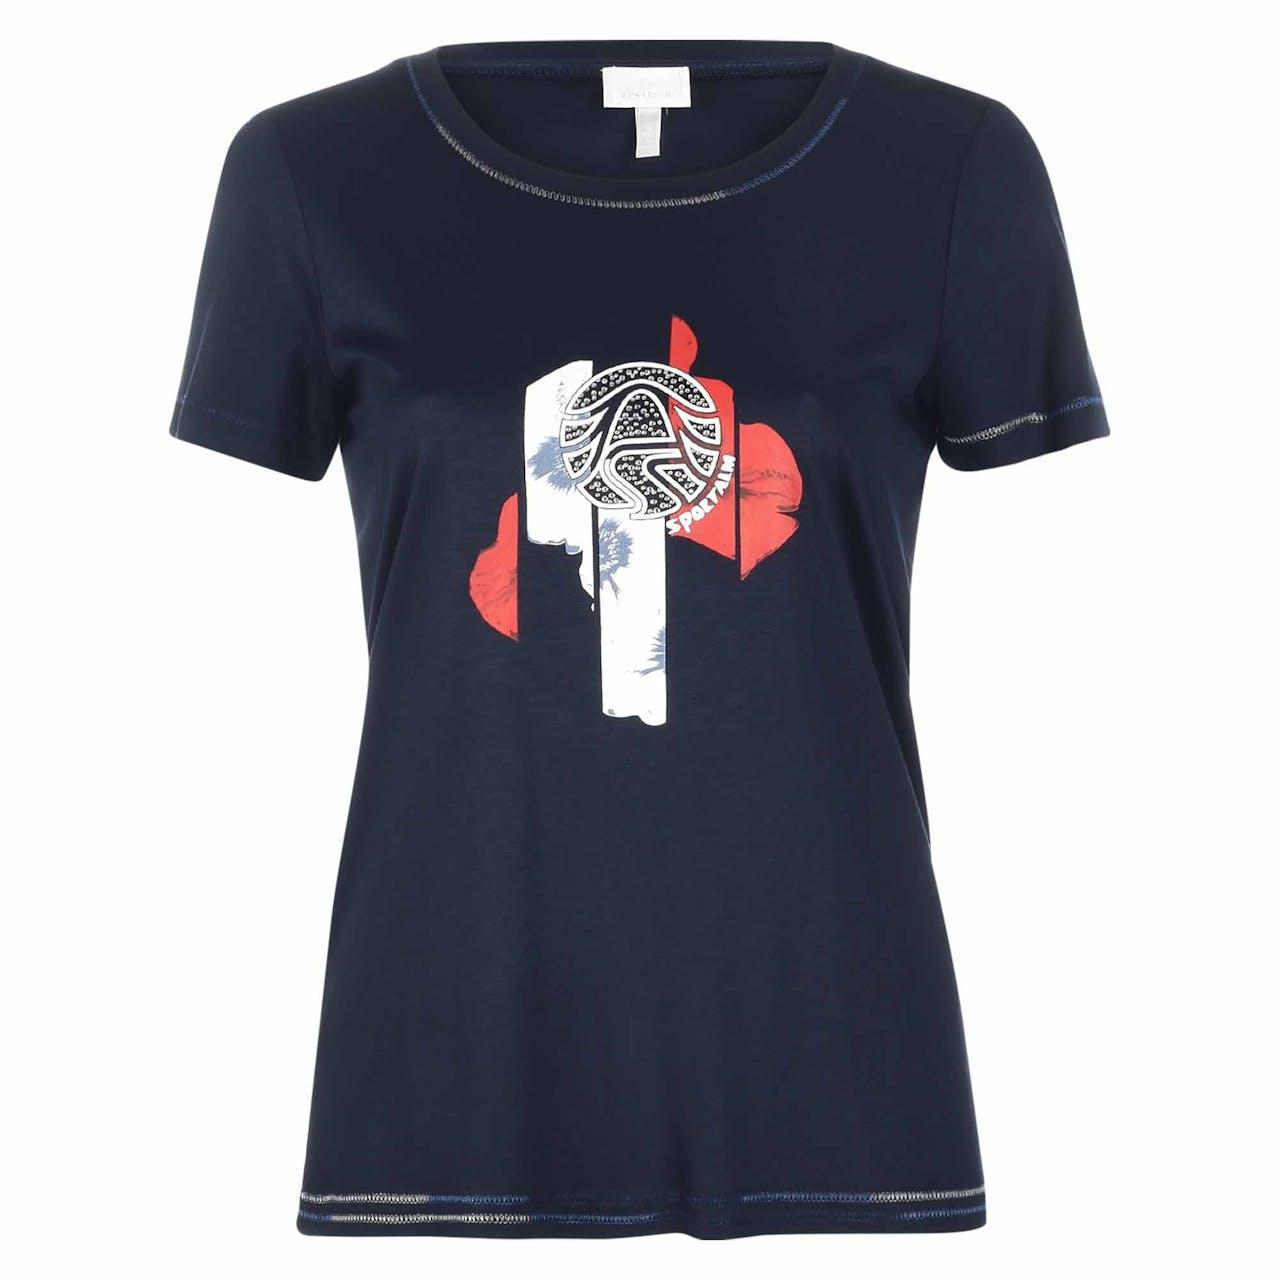 T-Shirt - Regular Fit - Lex